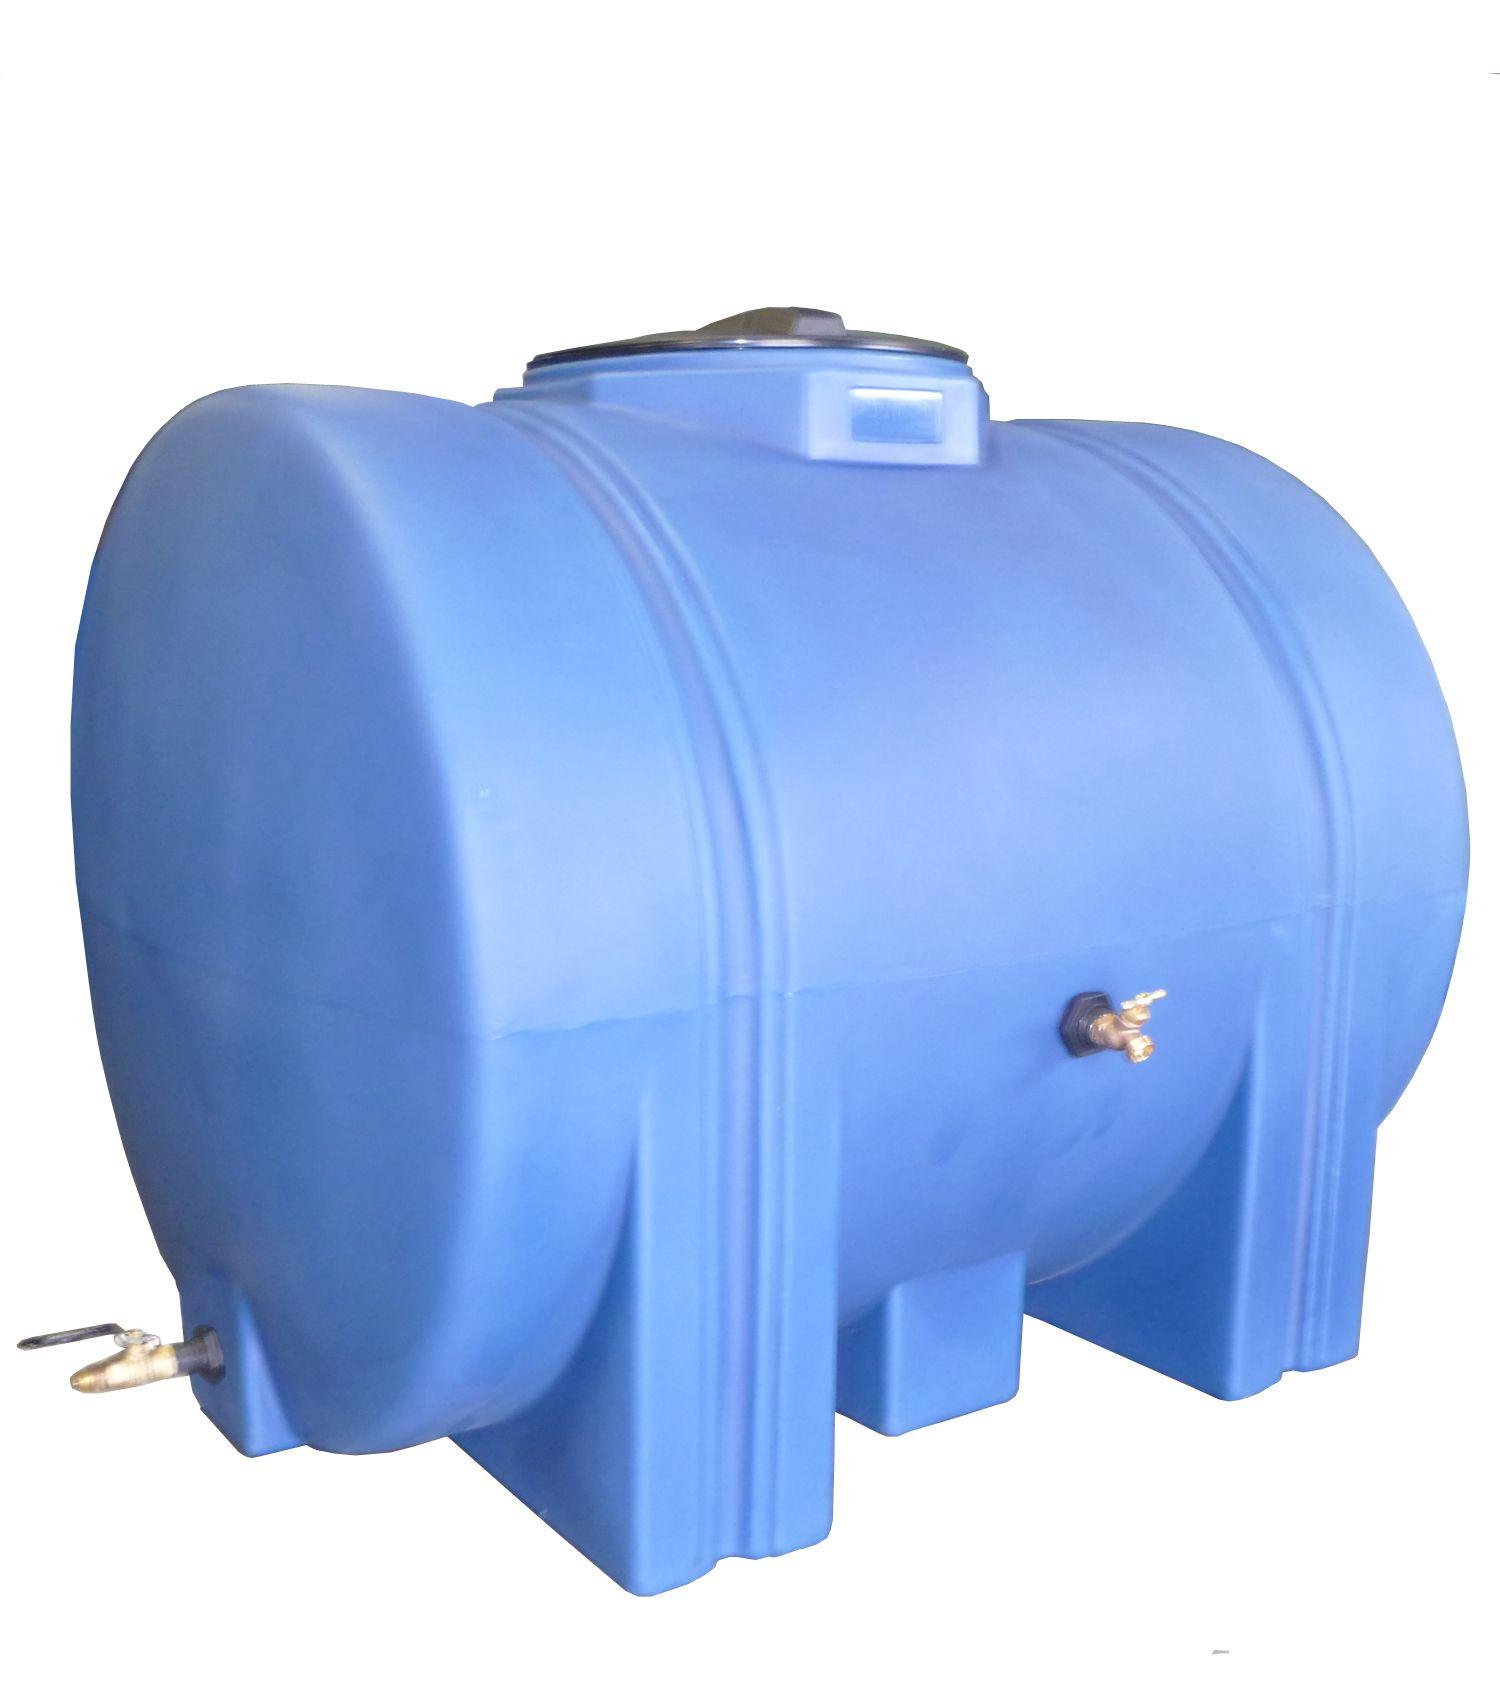 Prepper Water Storage 350 Gallon Emergency Horizontal Water Storage Tank Water Storage Tanks Emergency Water Water Storage